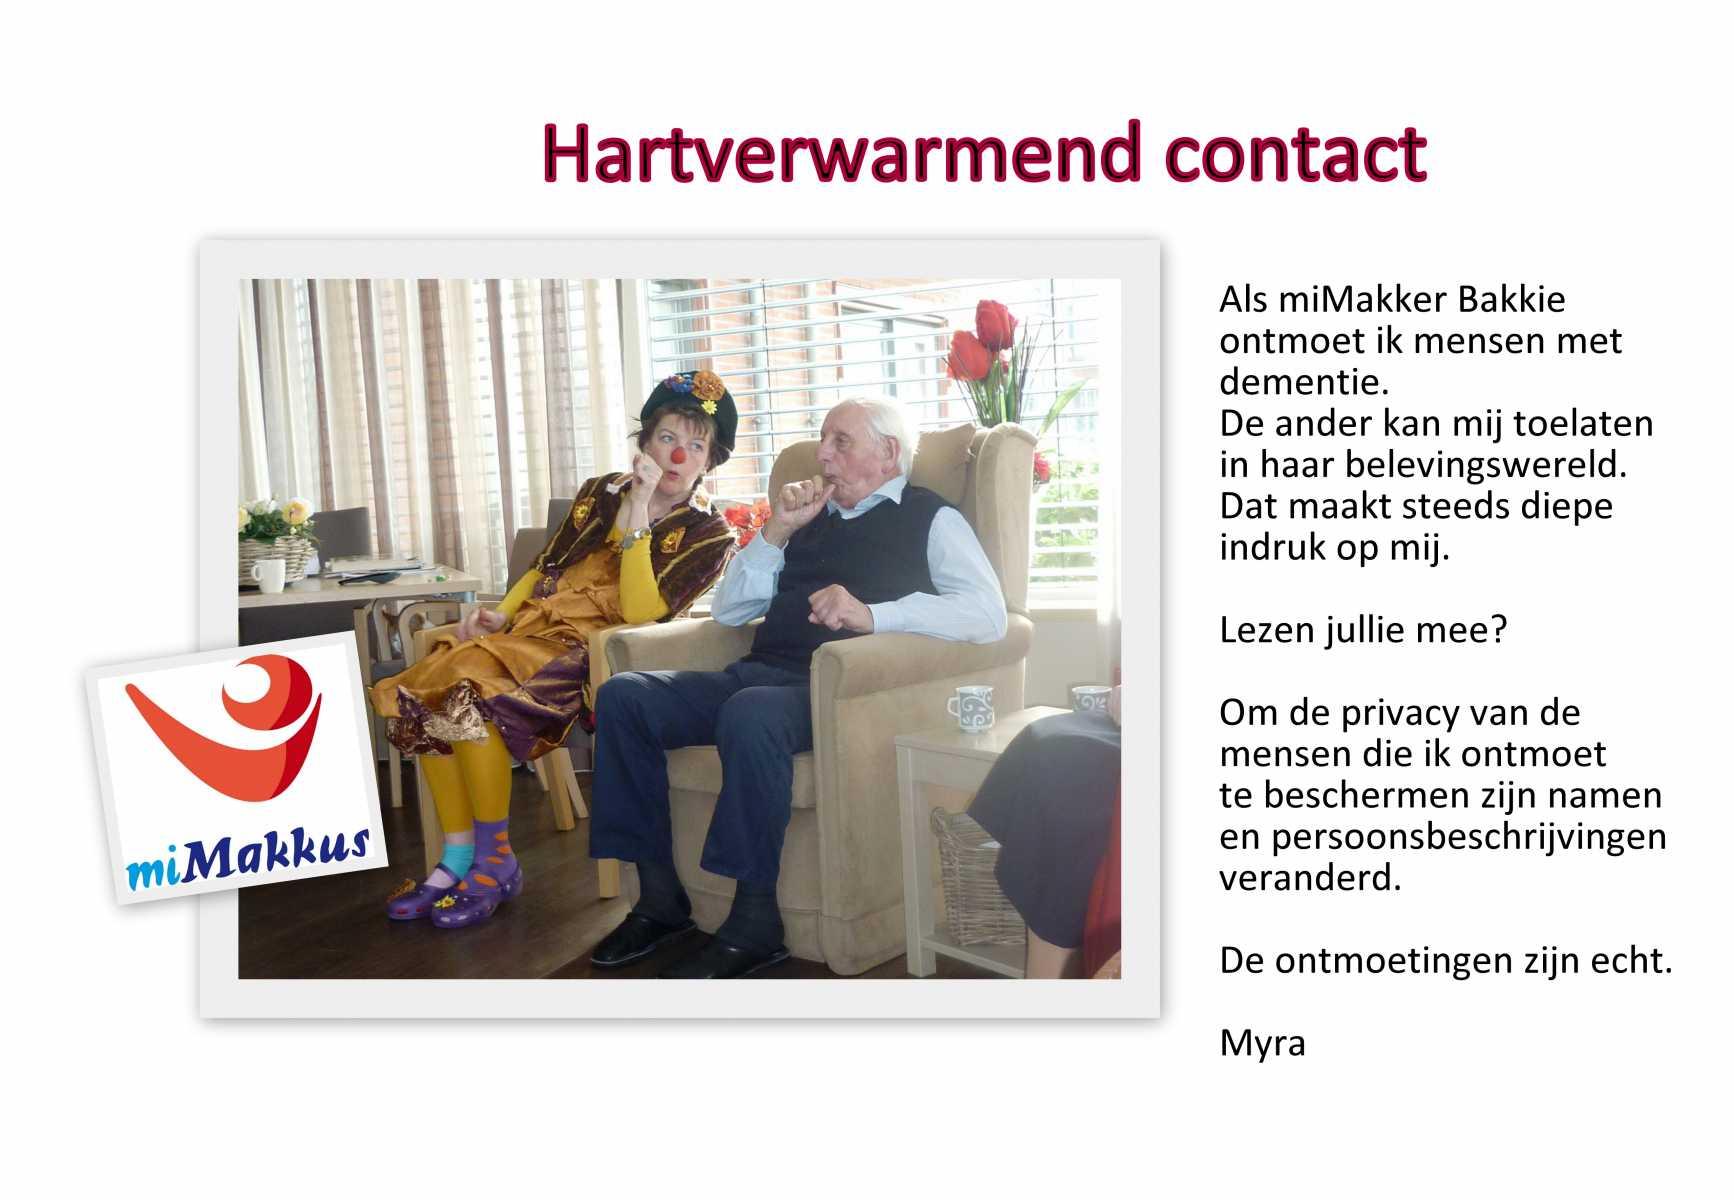 Fotokaart Bakkie Neus voor Contact bij Blog zakdoek www.neusvoorcontact.nl